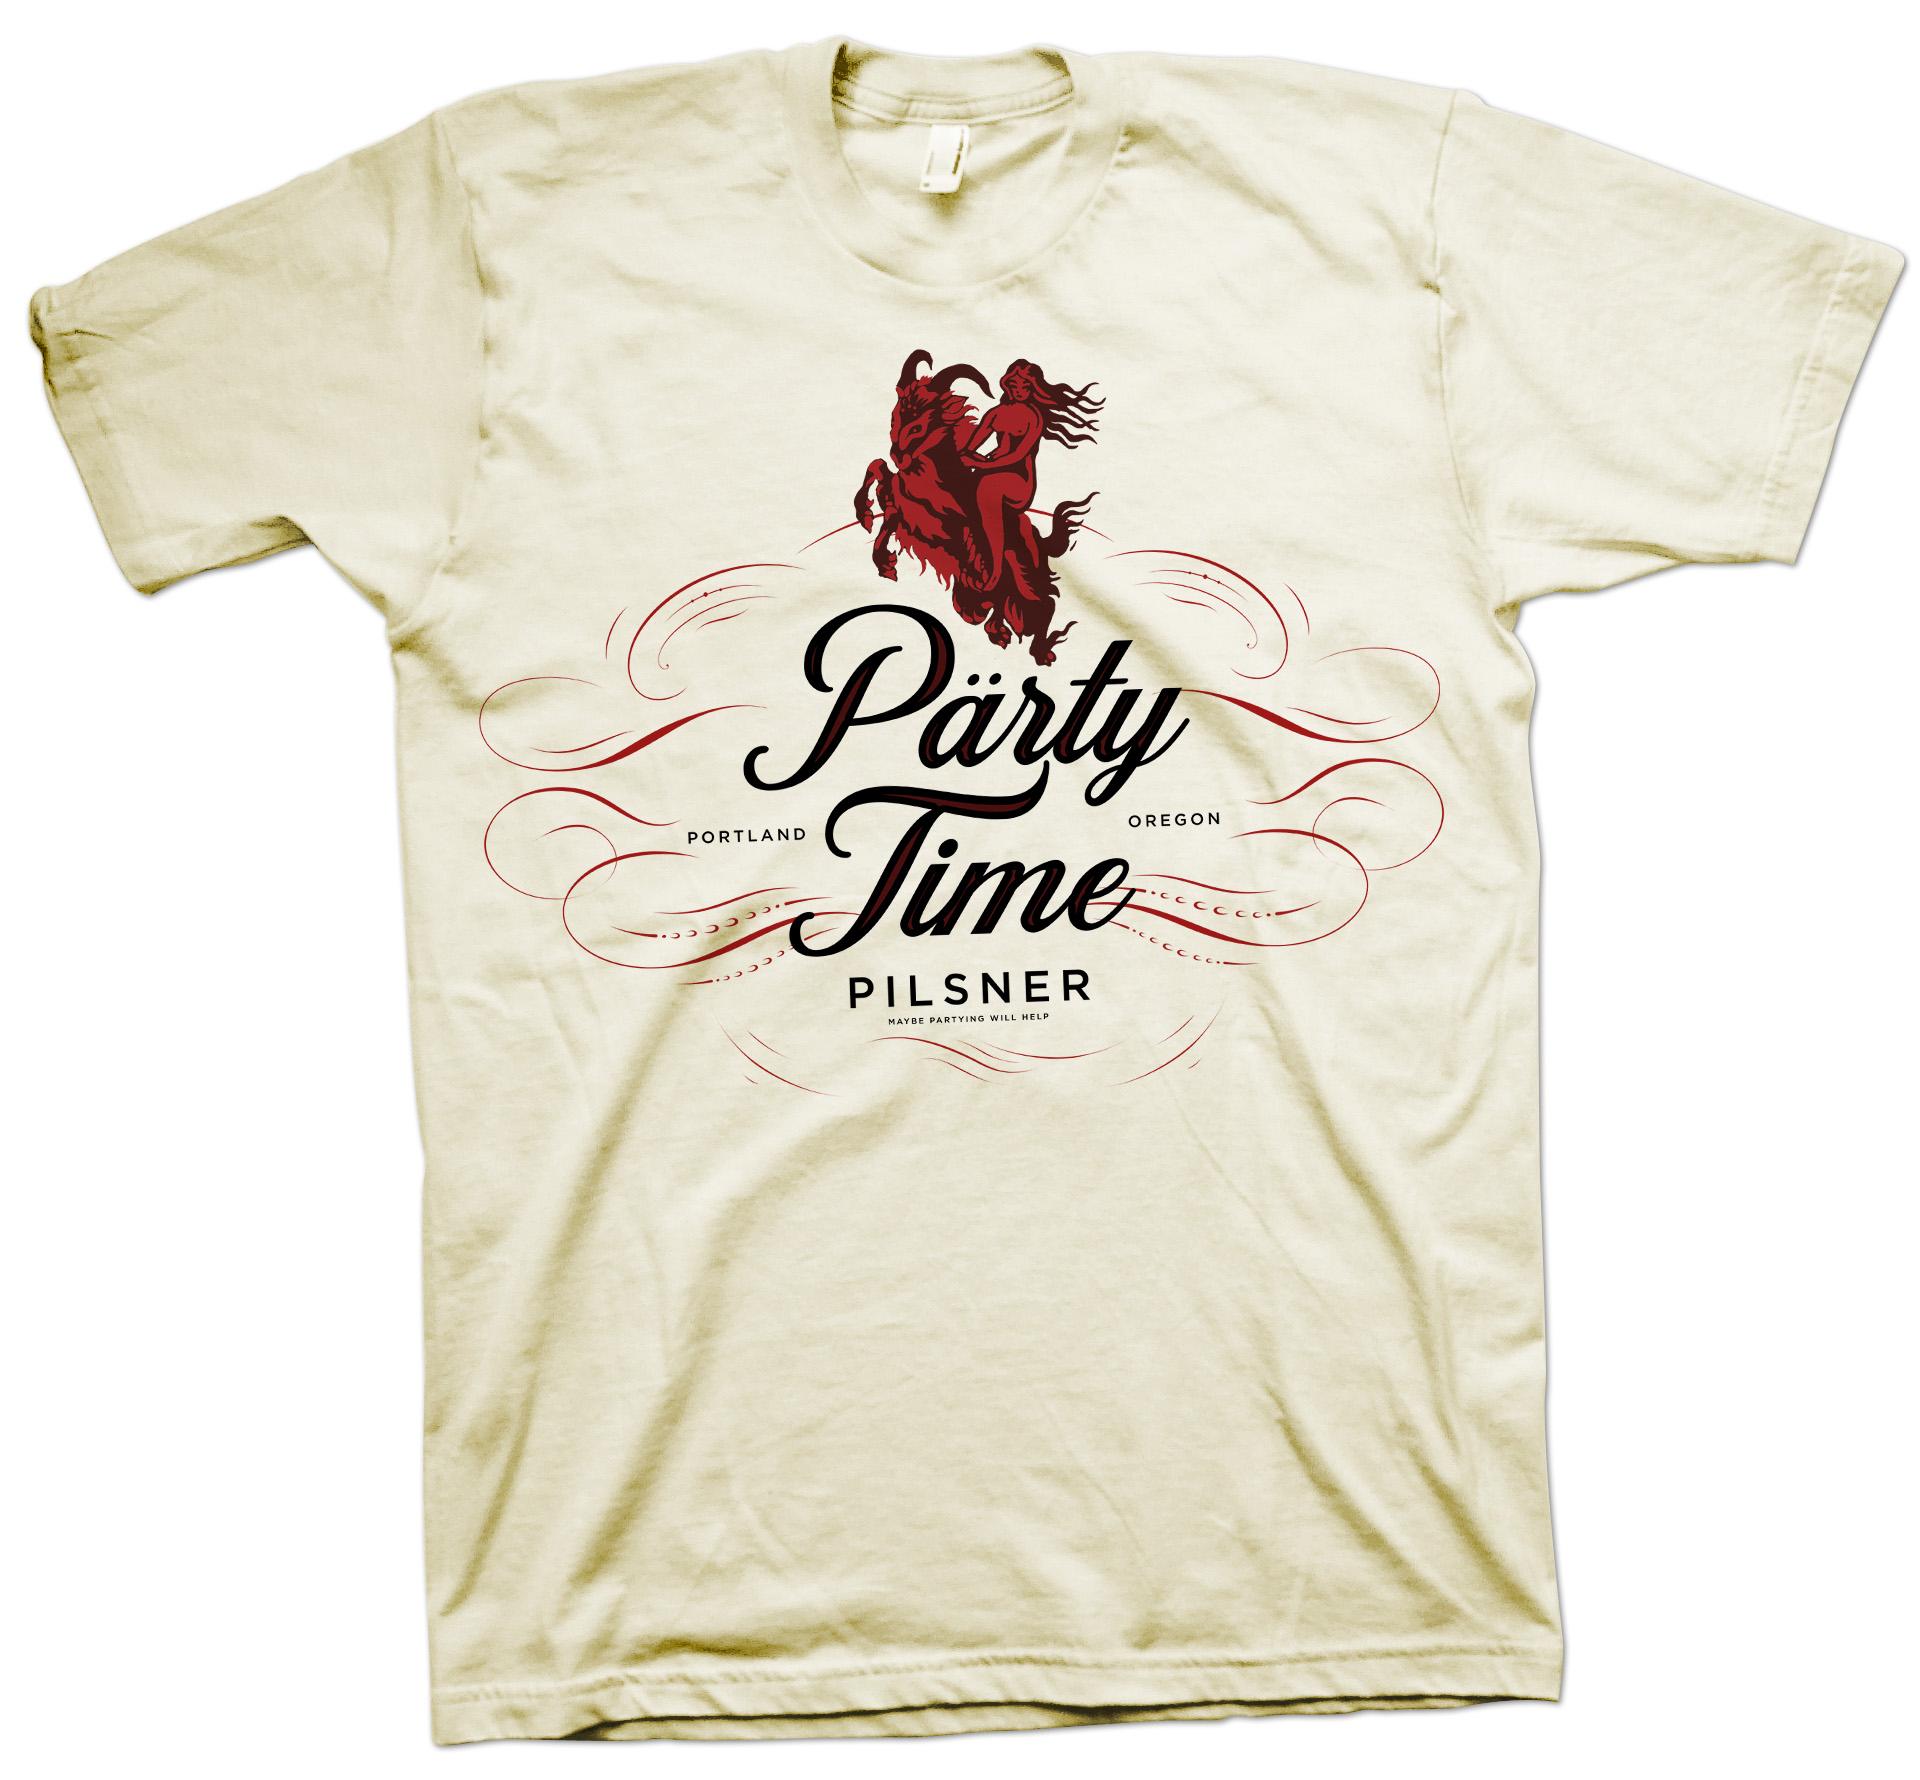 wayfinder-party-time-shirt